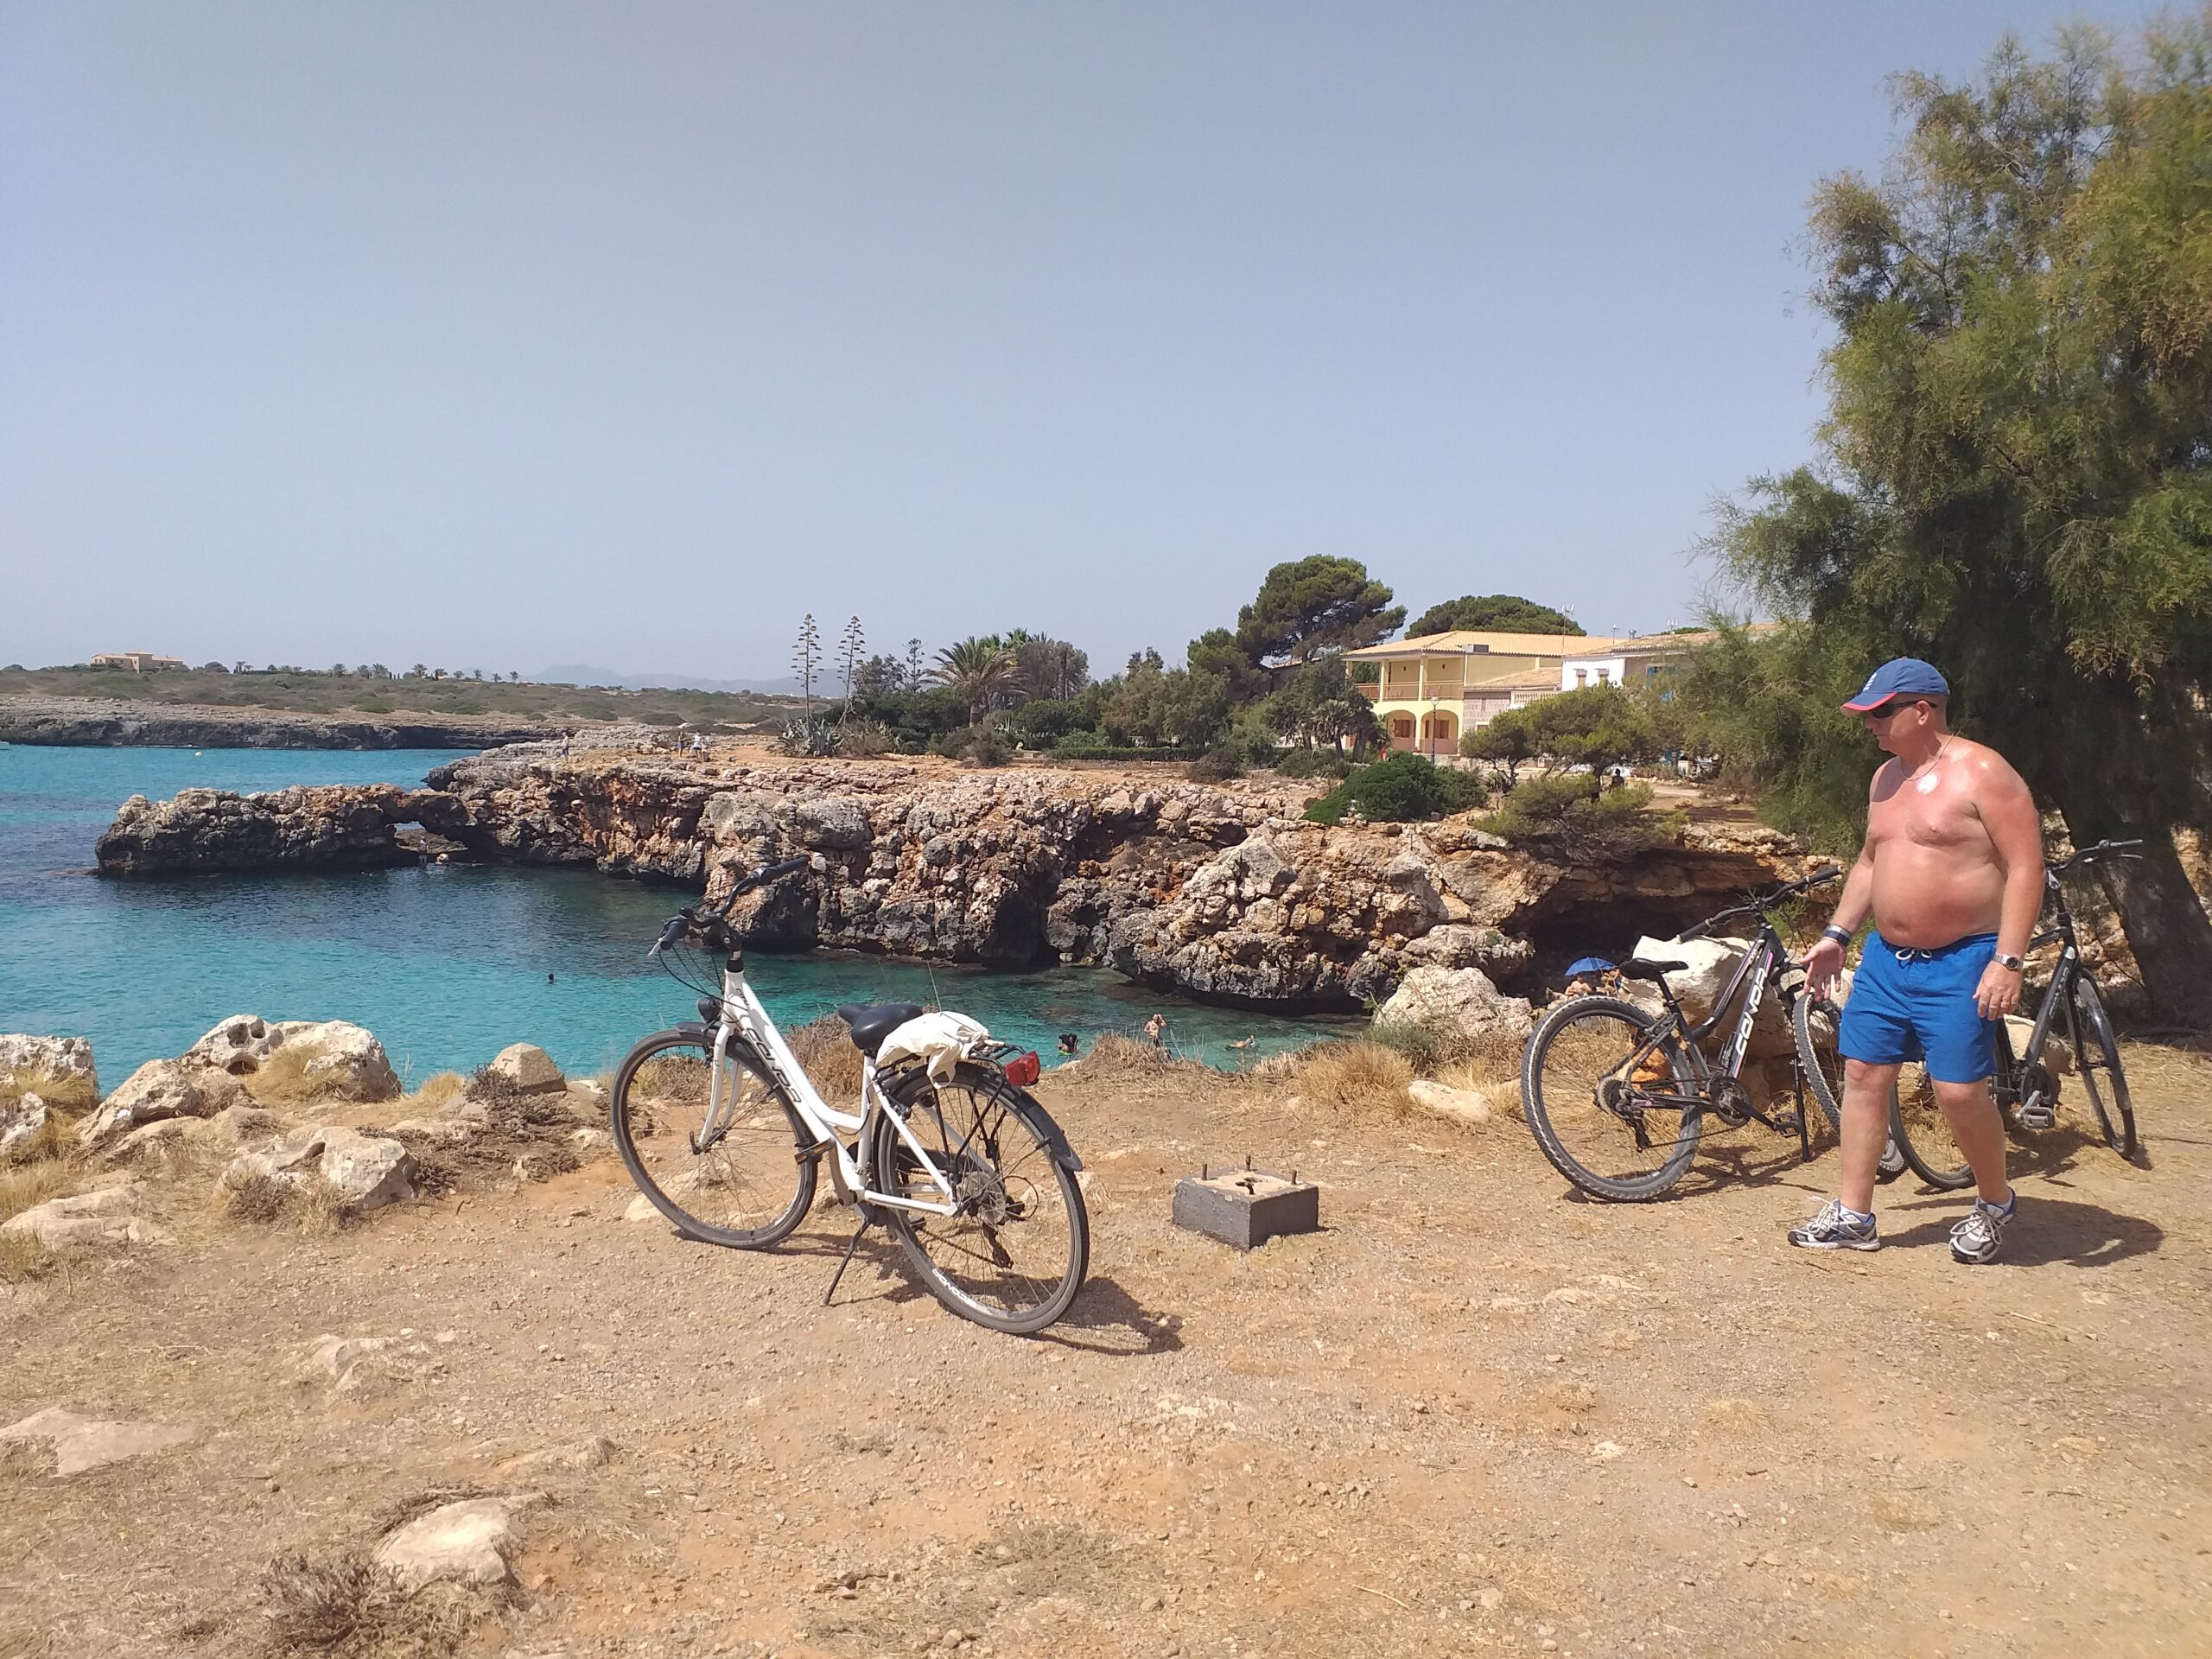 Alquiler de bicicletas Mallorca. Cala Morlanda en bici.IMG